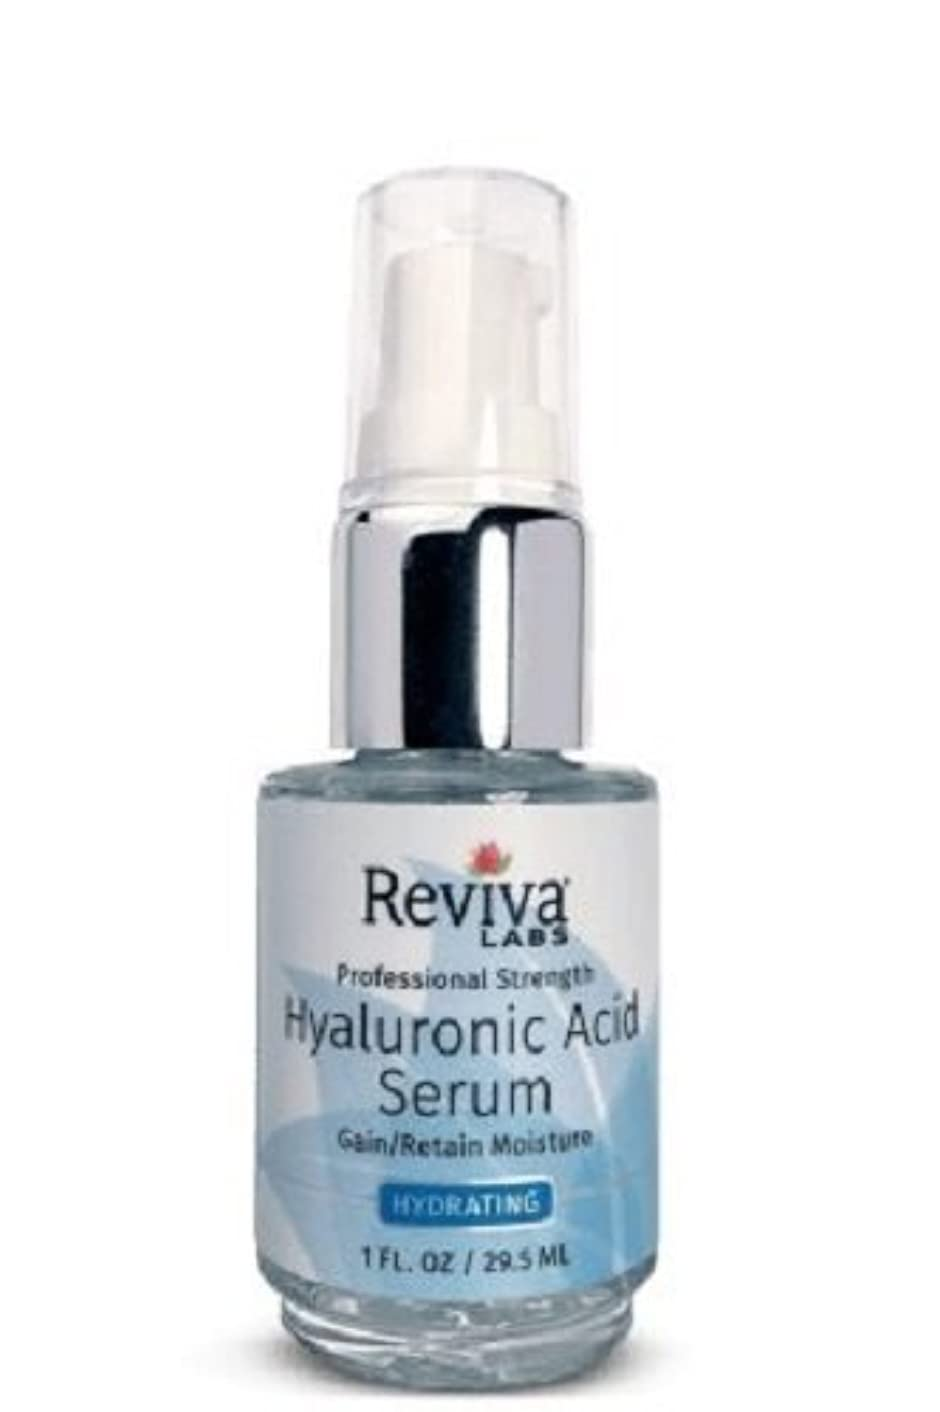 バスルーム効率調停するReviva Labs, Professional Strength Hyaluronic Acid Serum, 1 fl oz (29.5 ml)